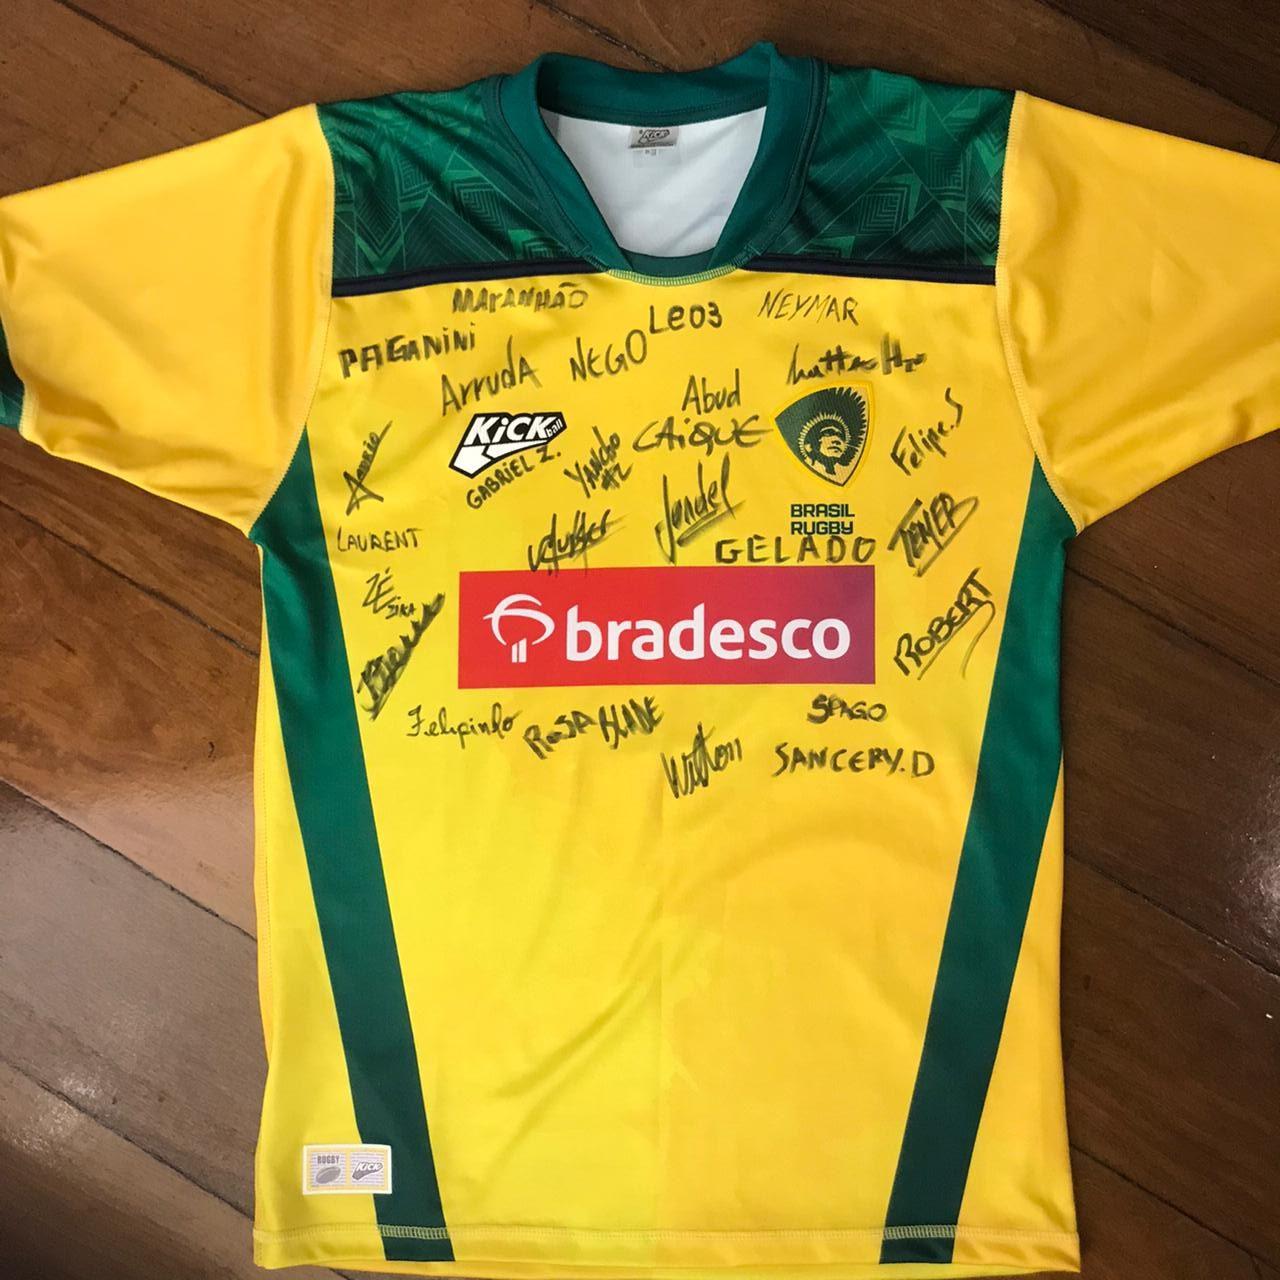 CBRu realiza leilão de bola e camisa autografadas com verba revertida para instituição